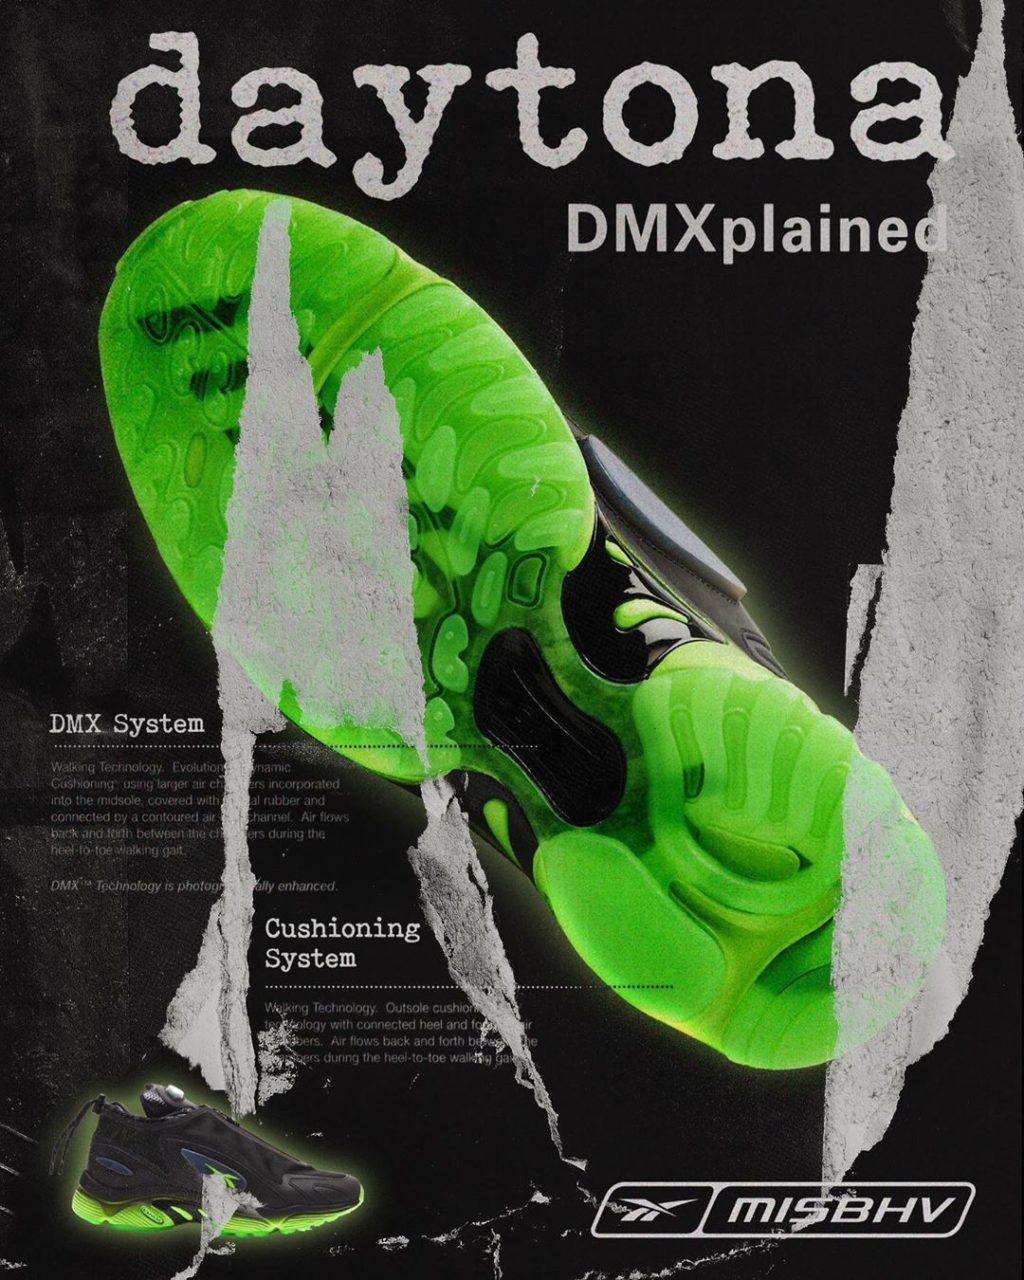 MISBHV x Reebok Daytona DMX Black/Solar Green